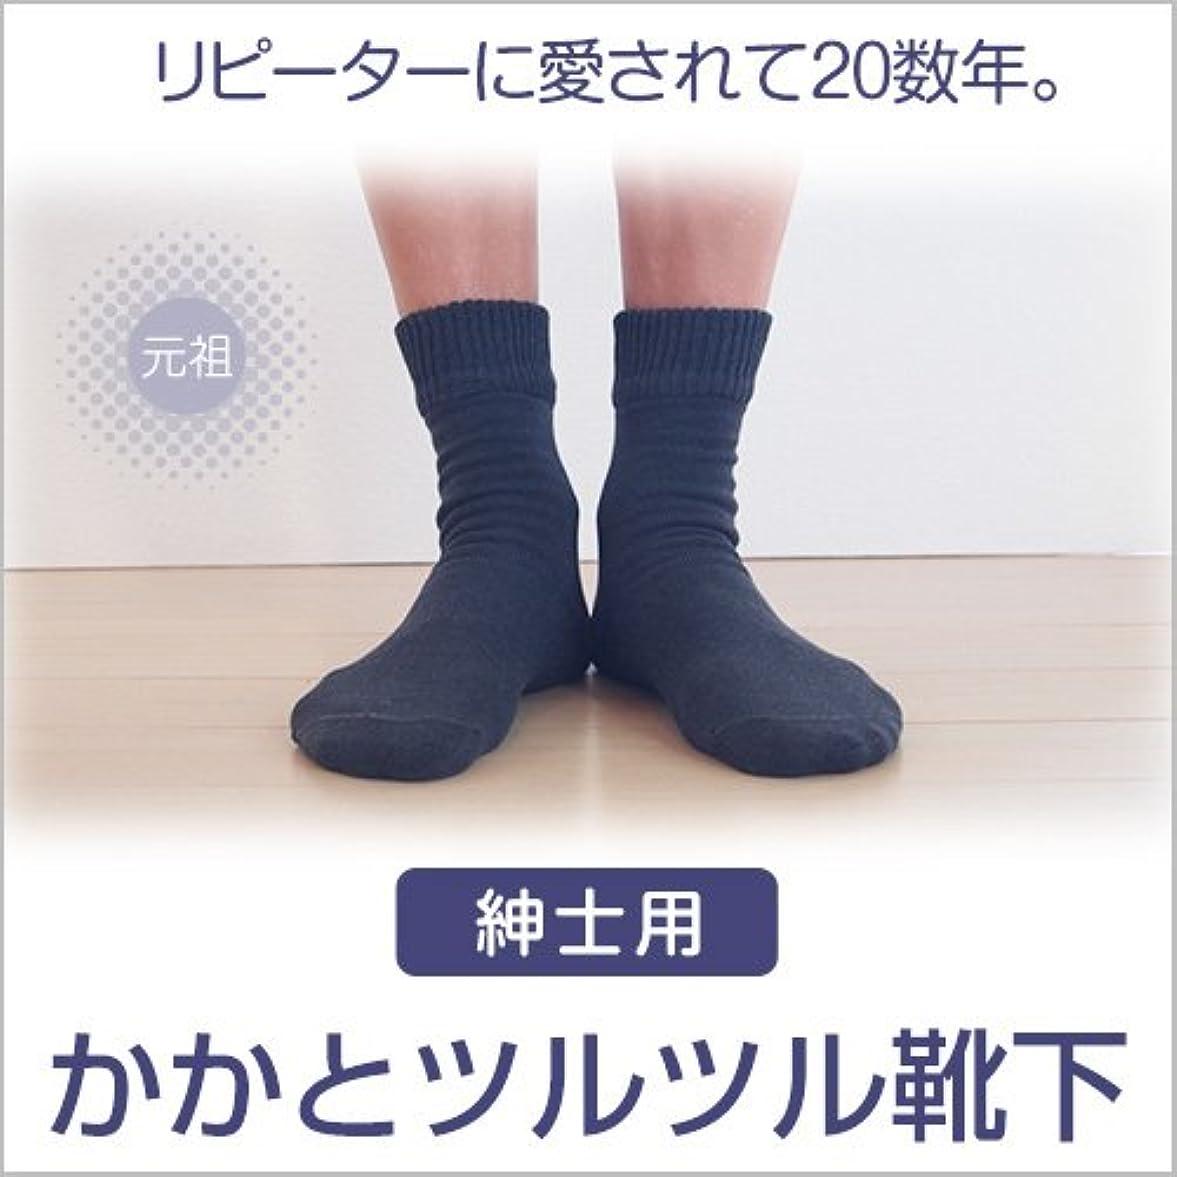 寂しい内側ルート男性用 かかと ツルツル 靴下 ネイビー 24-26cm 角質 ケア ひび割れ 対策 太陽ニット 700